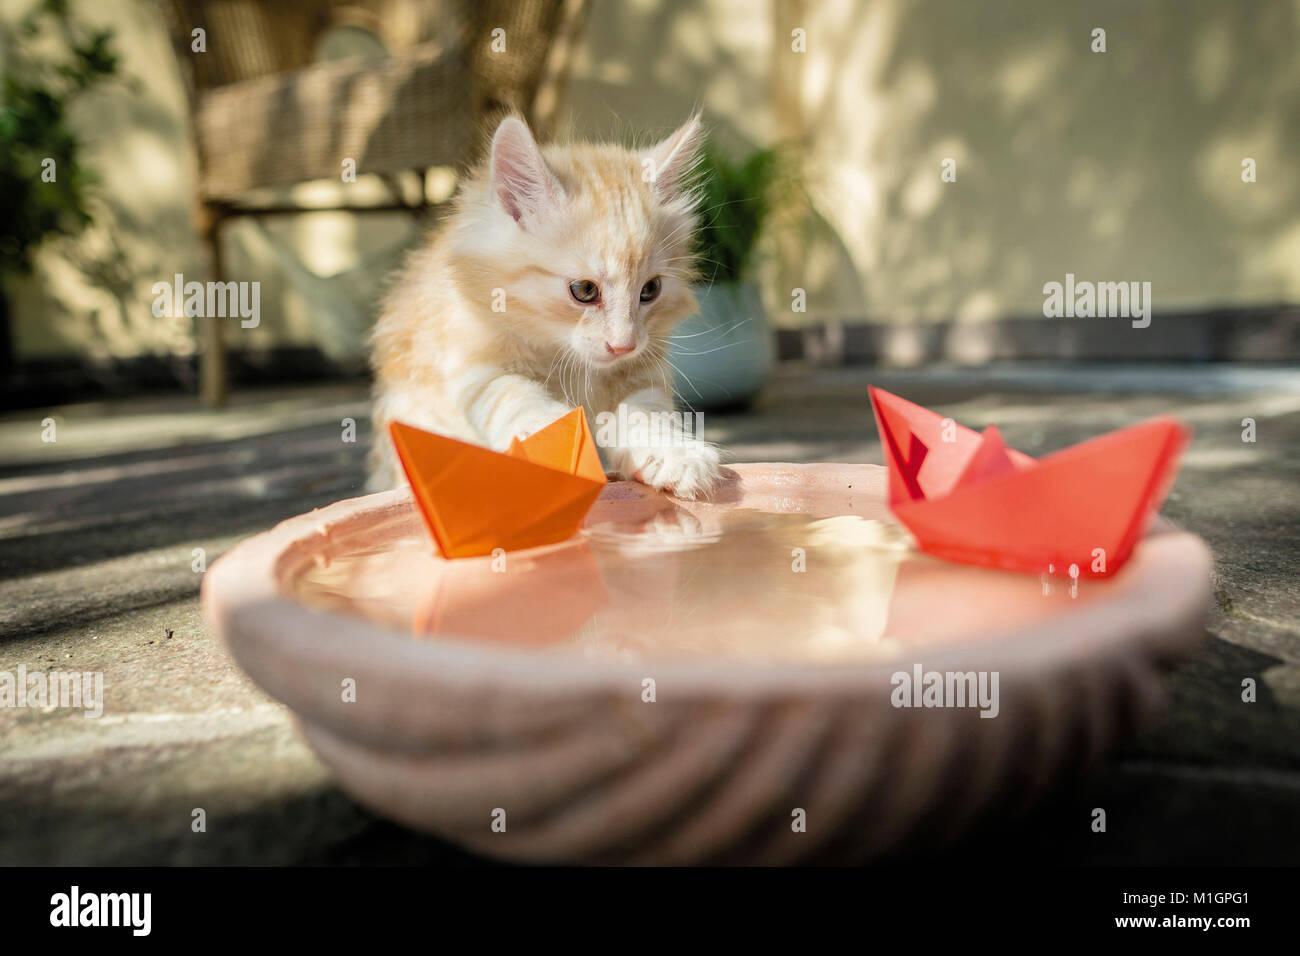 Norwegian Forest cat. Chaton jouant avec des bateaux en papier sur une cuvette d'eau. L'Allemagne. Restriction: Photo Stock